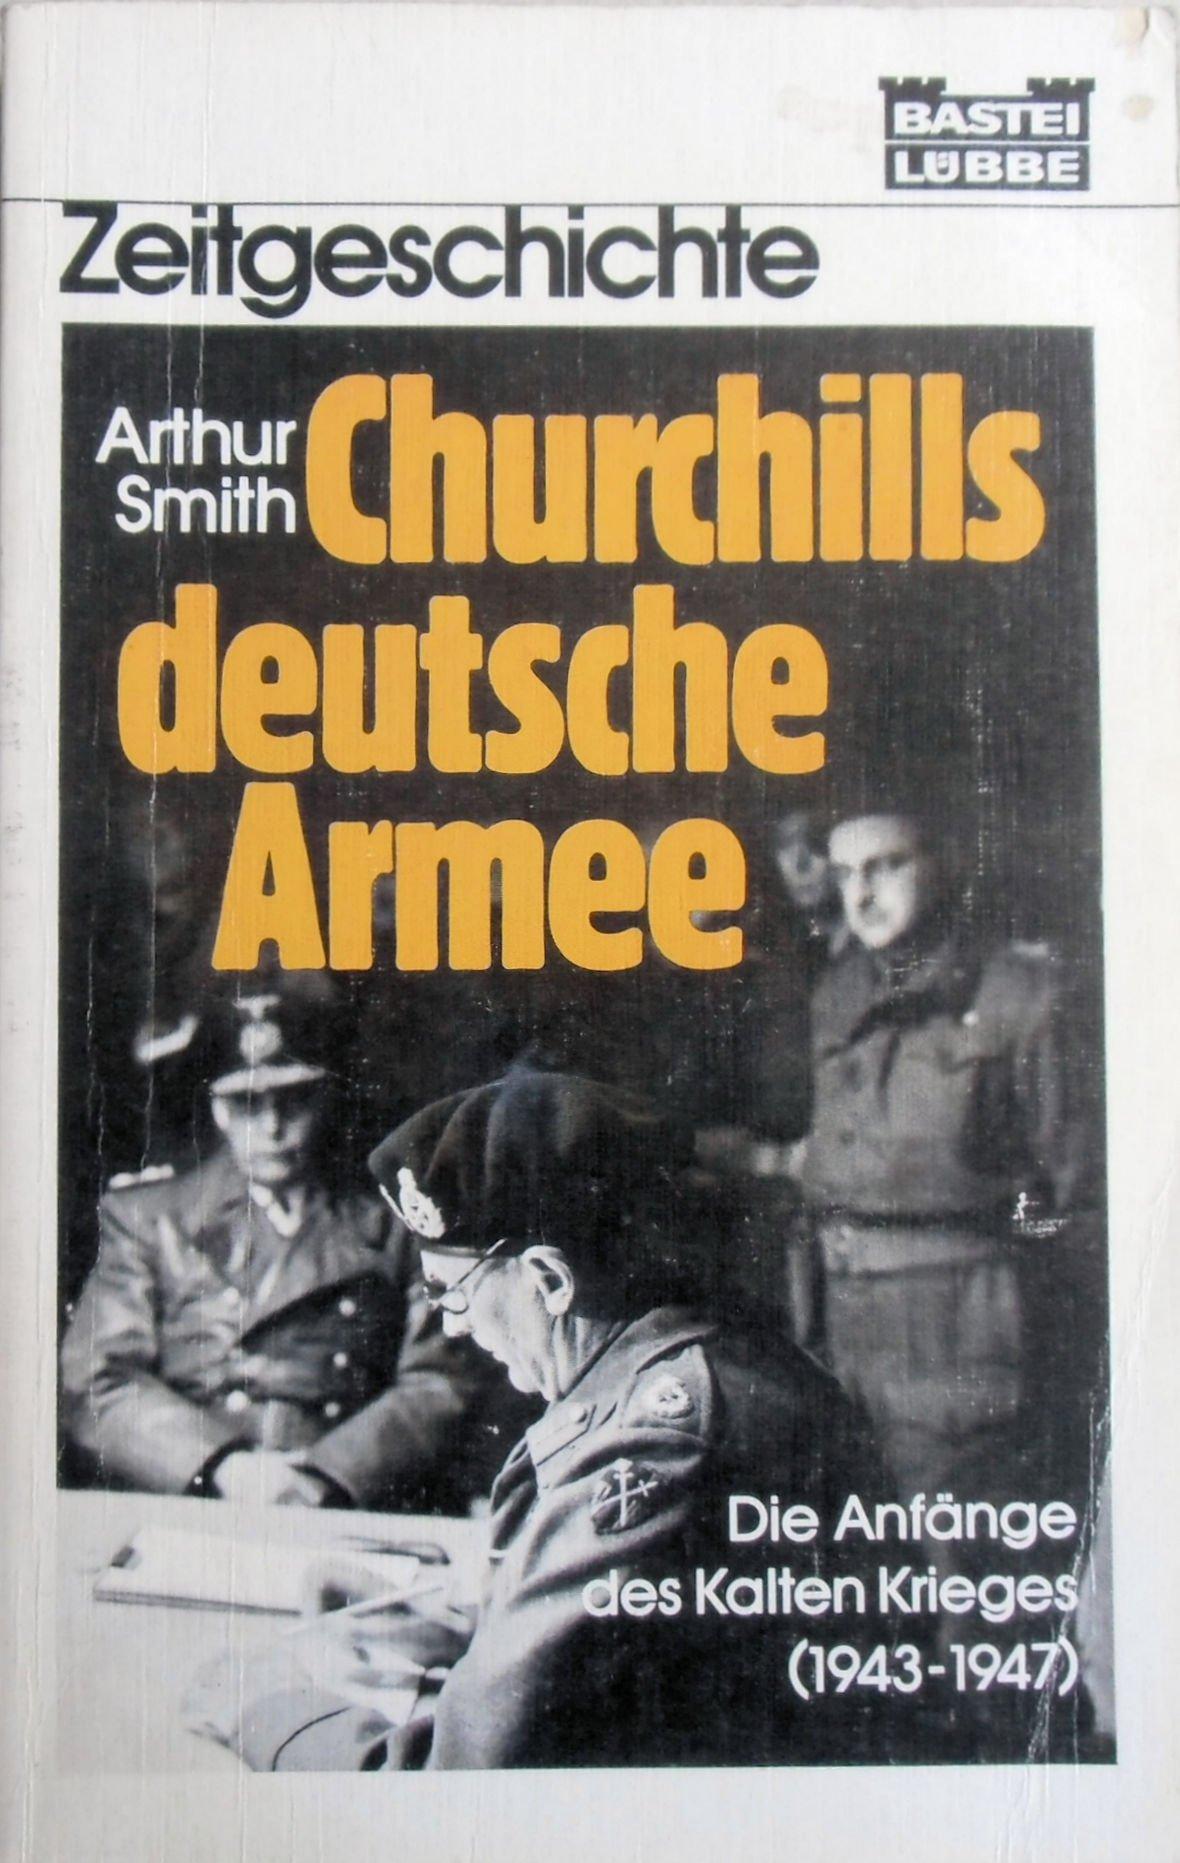 churchills-deutsche-armee-die-anfnge-des-kalten-krieges-1943-1947